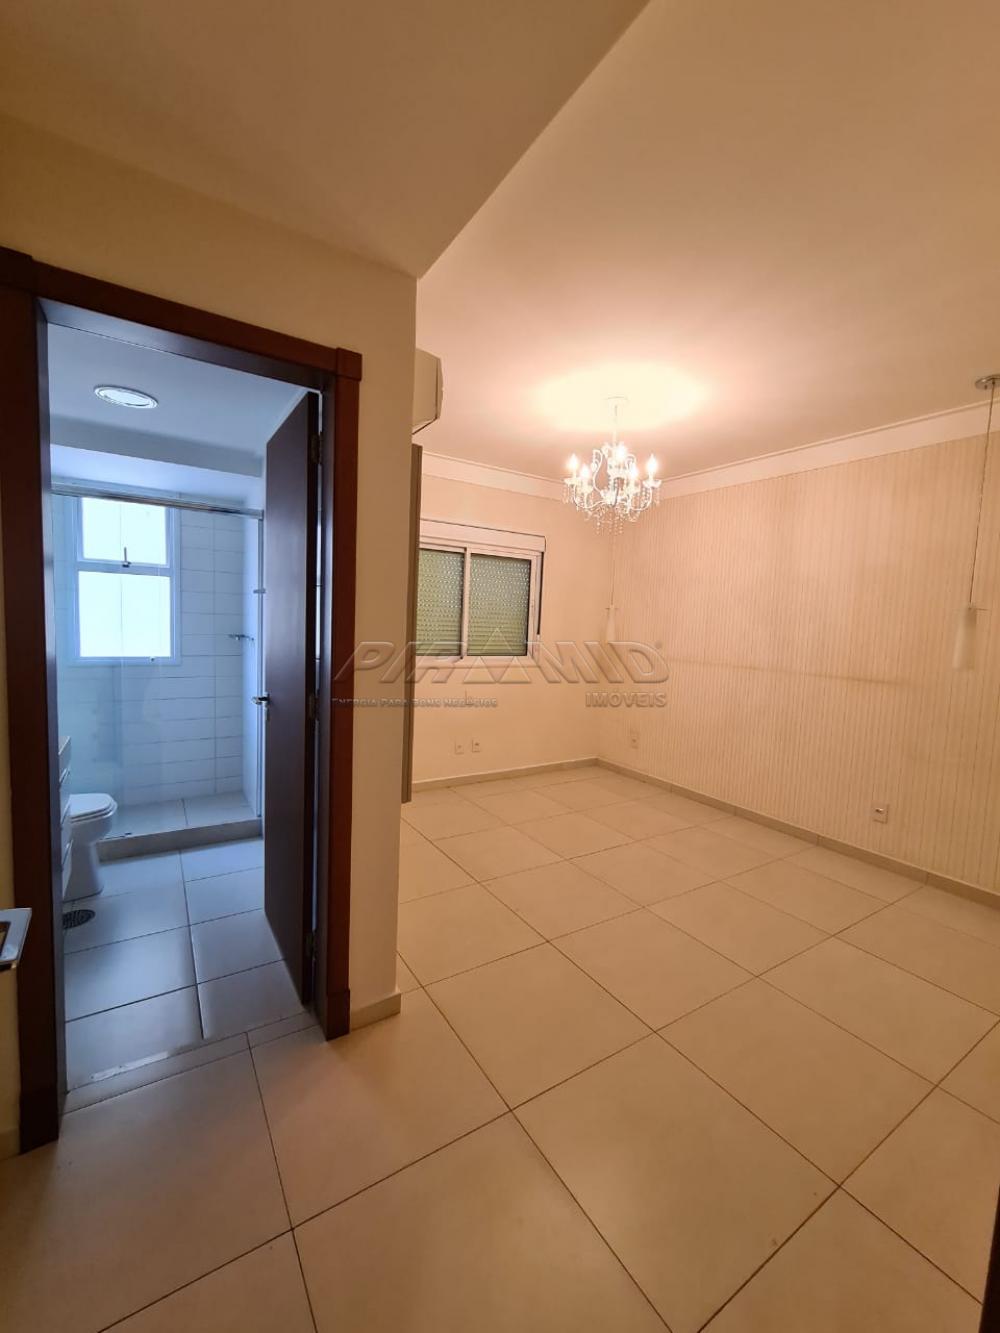 Alugar Apartamento / Padrão em Ribeirão Preto R$ 8.000,00 - Foto 15